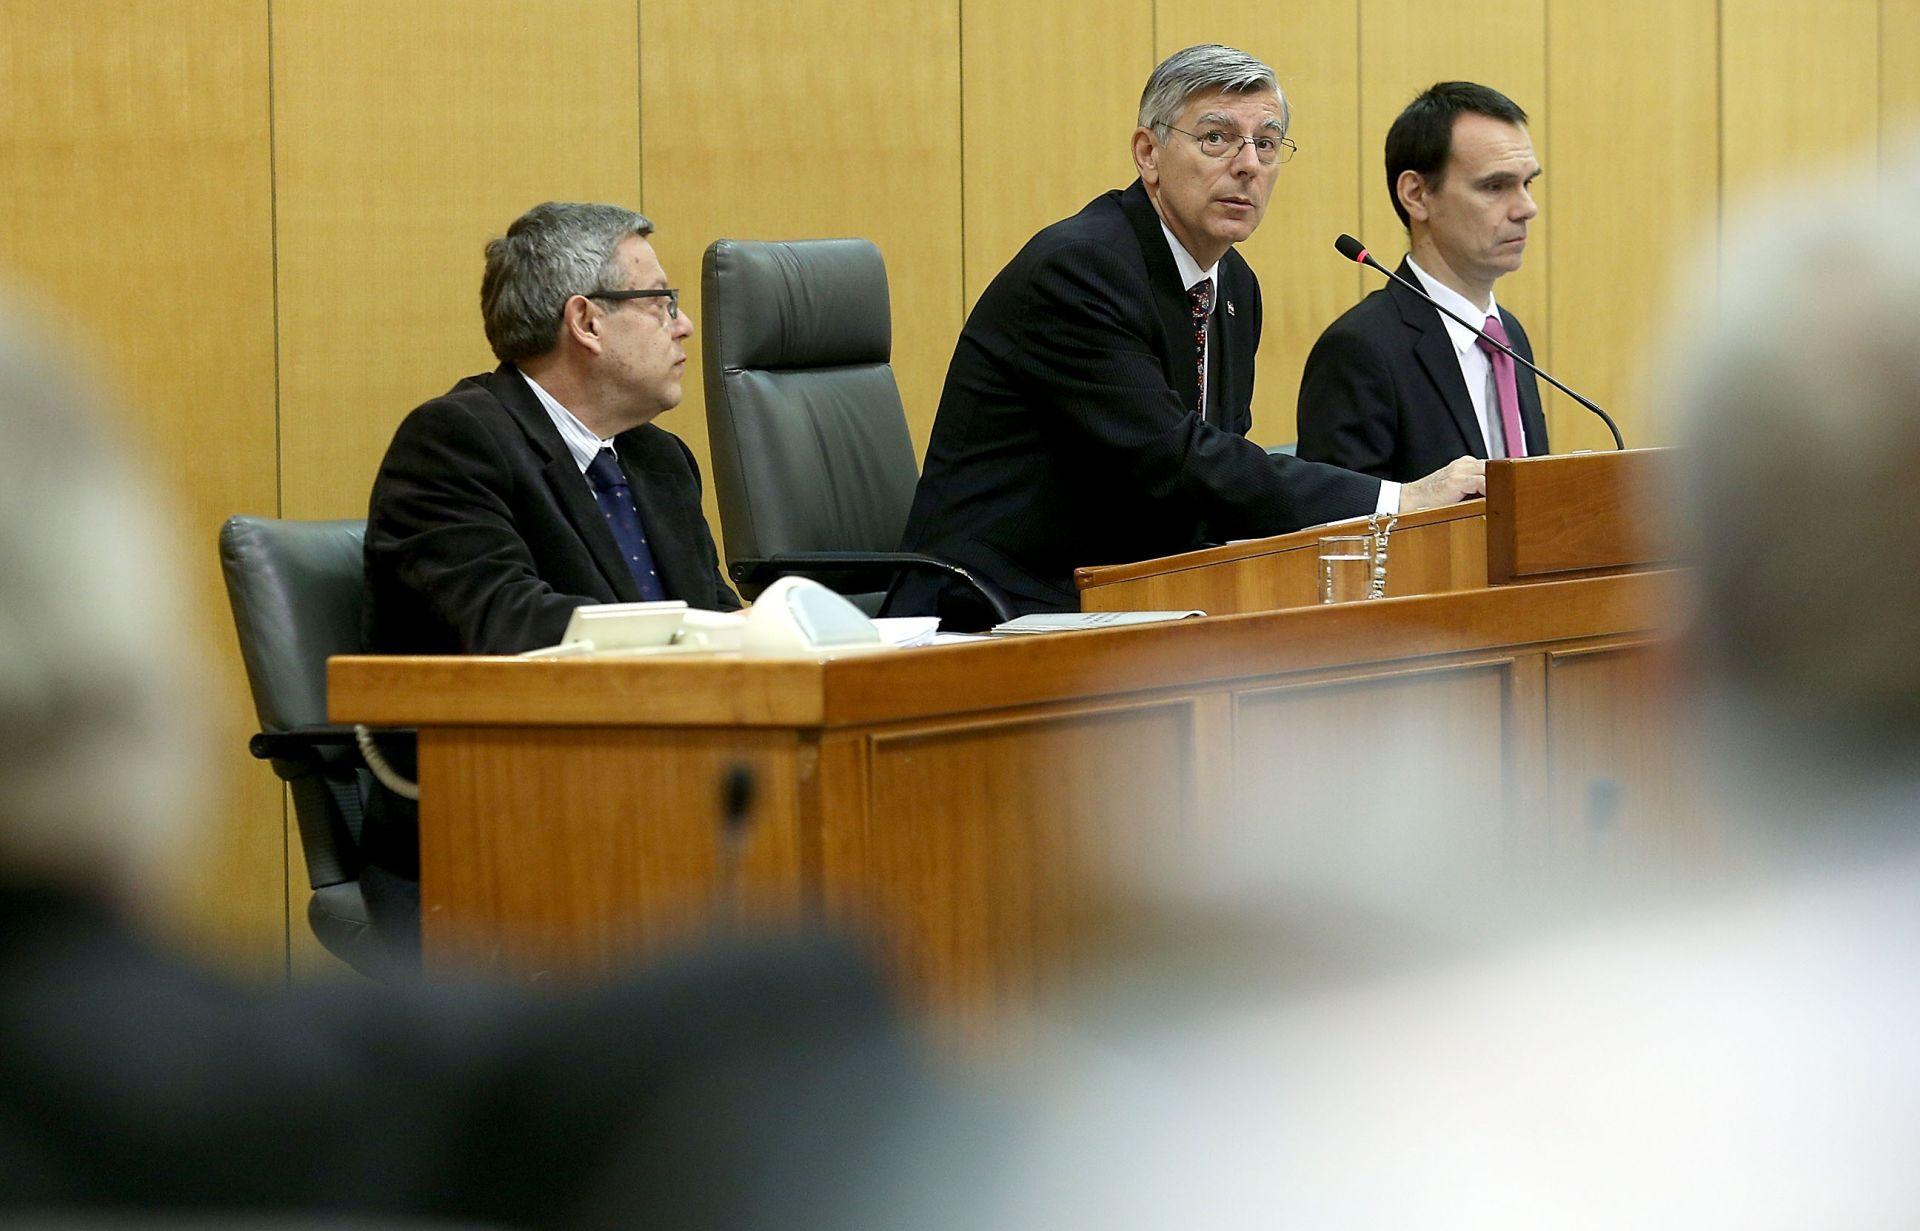 SABOR: U ponedjeljak odluka o državnom proračunu za 2016.